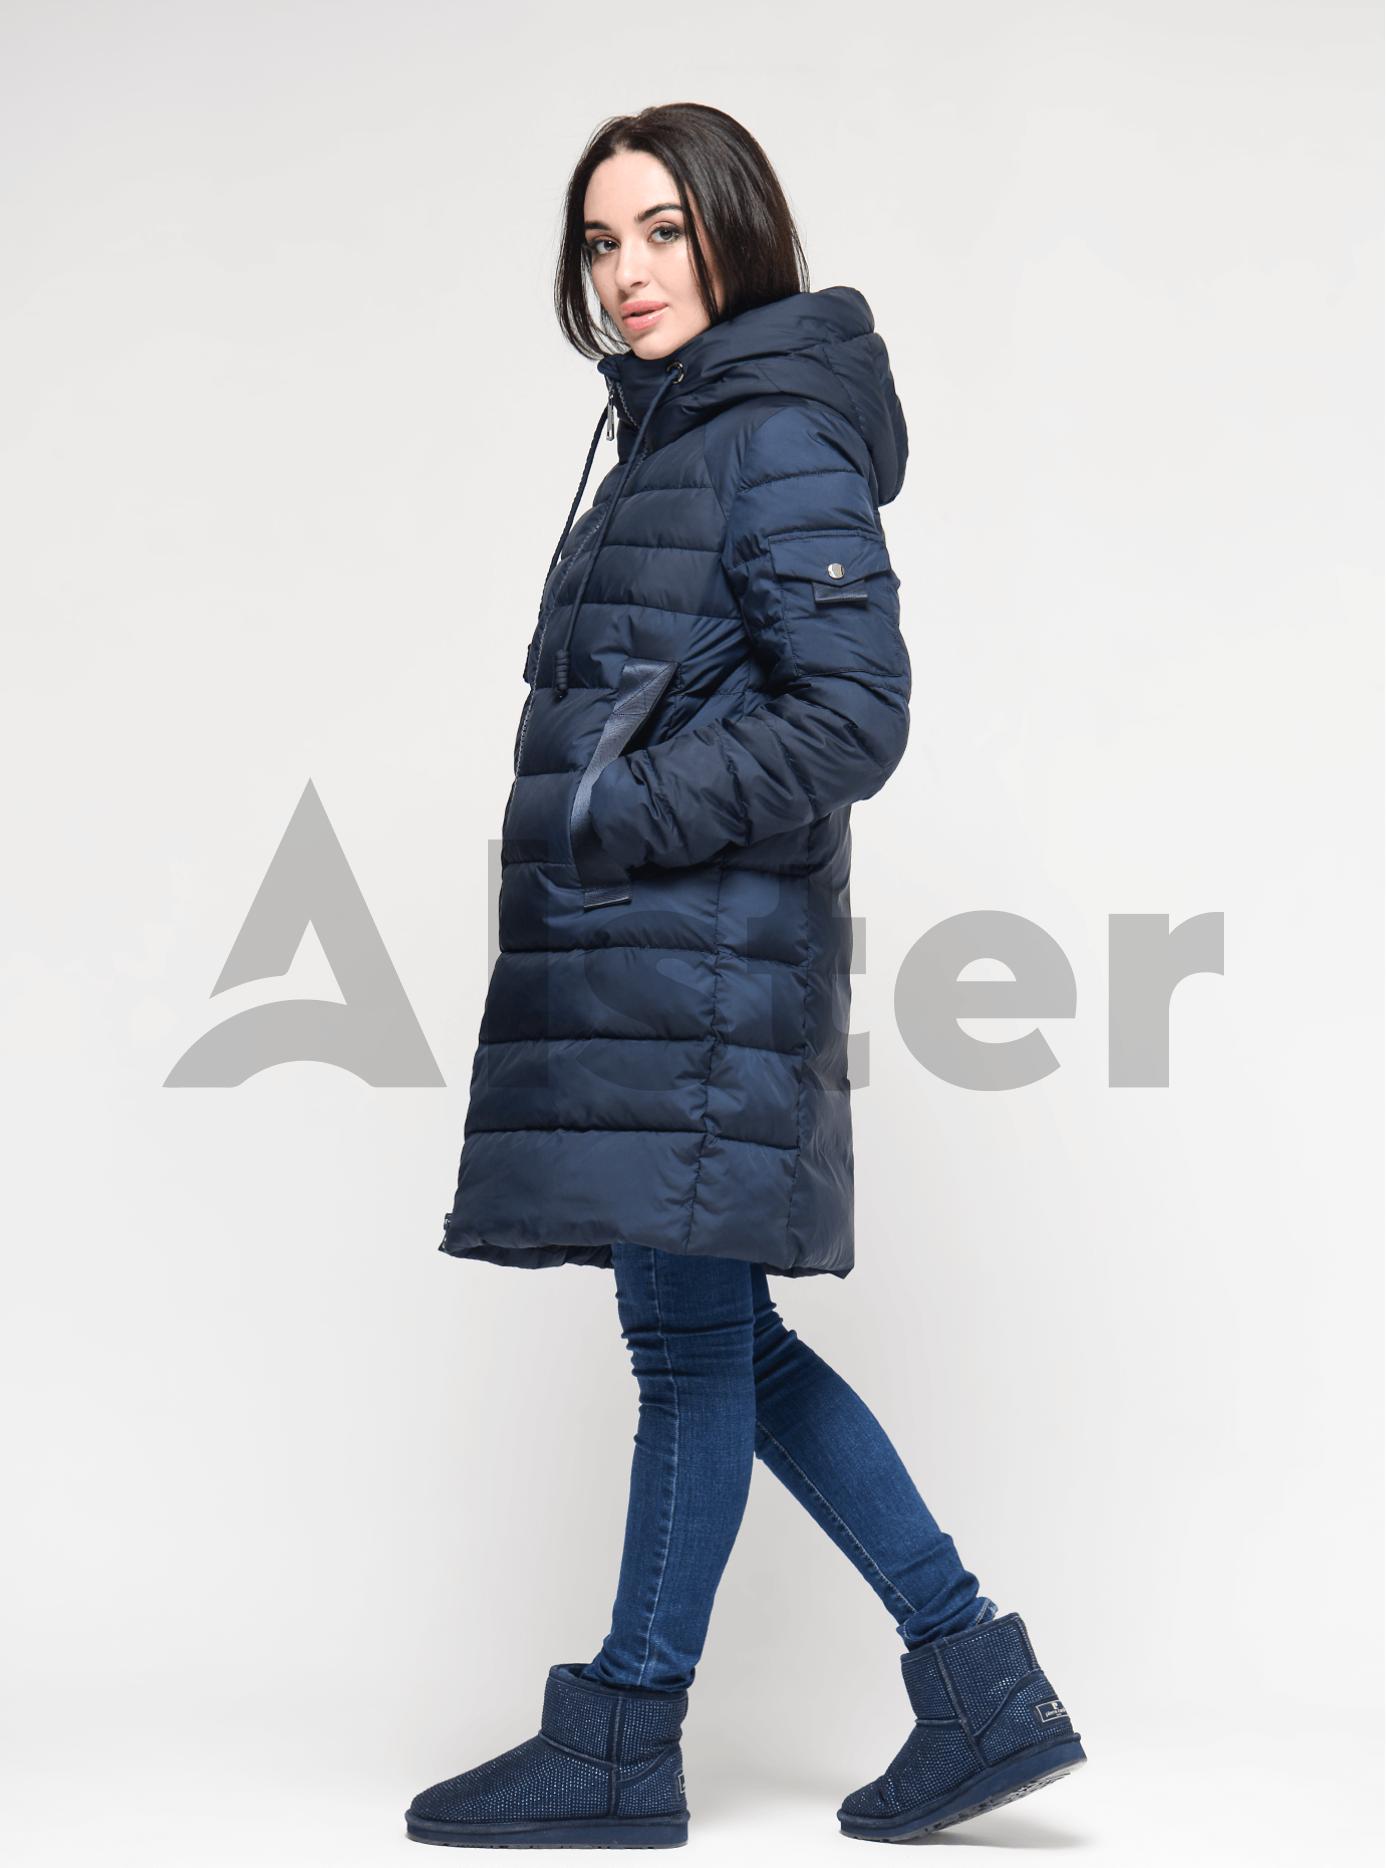 Пуховик женский с капюшоном Синий XL (01-9051): фото - Alster.ua